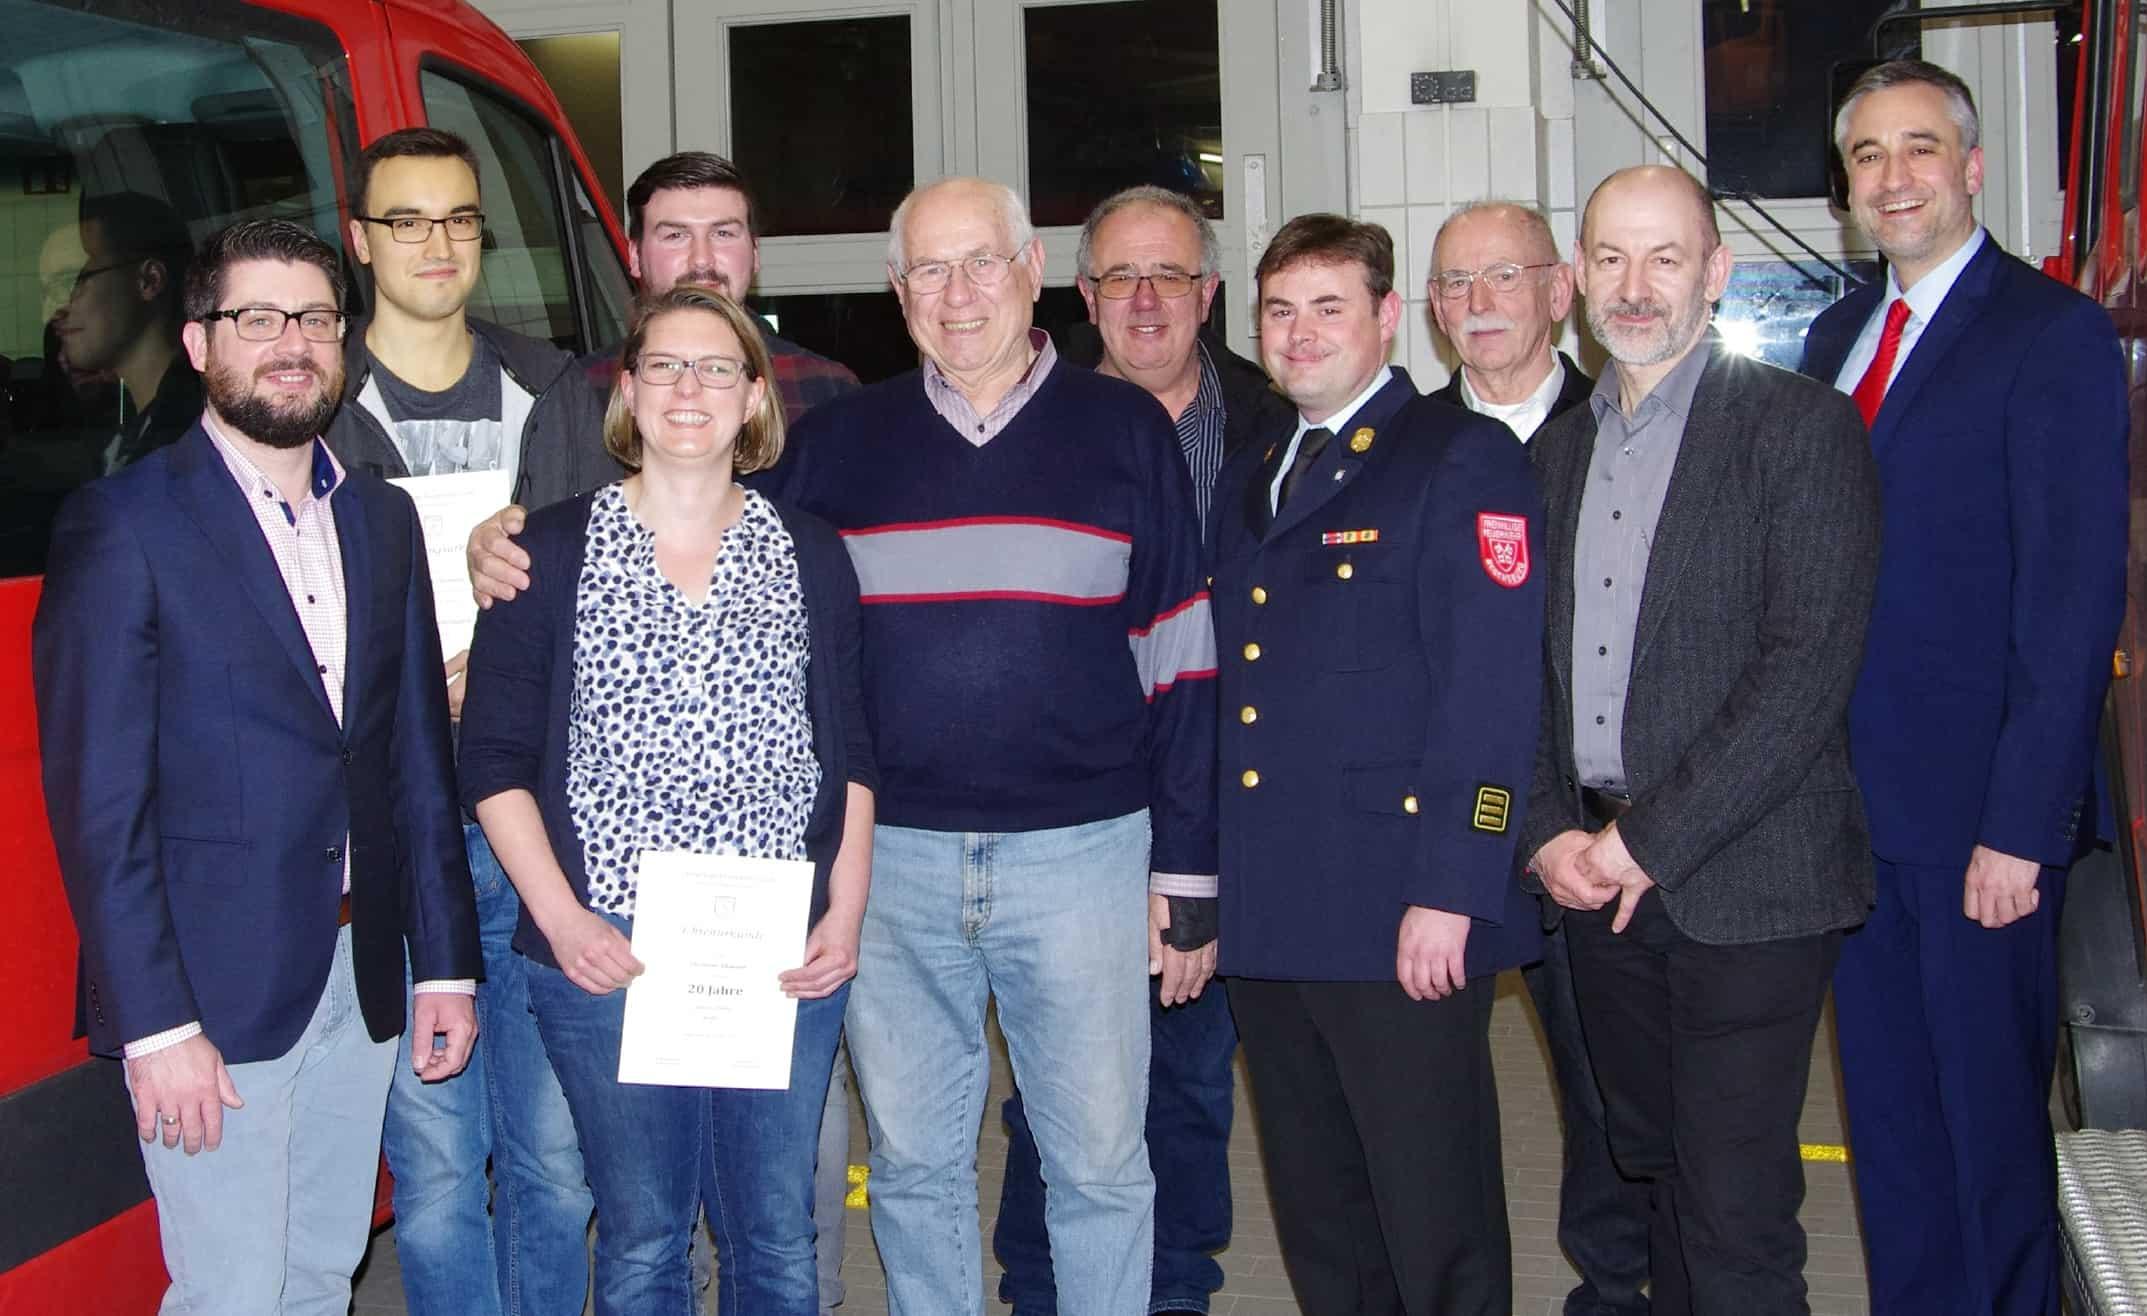 Feuerwehr Graß: Erfolg ist Gemeinschaftsleistung